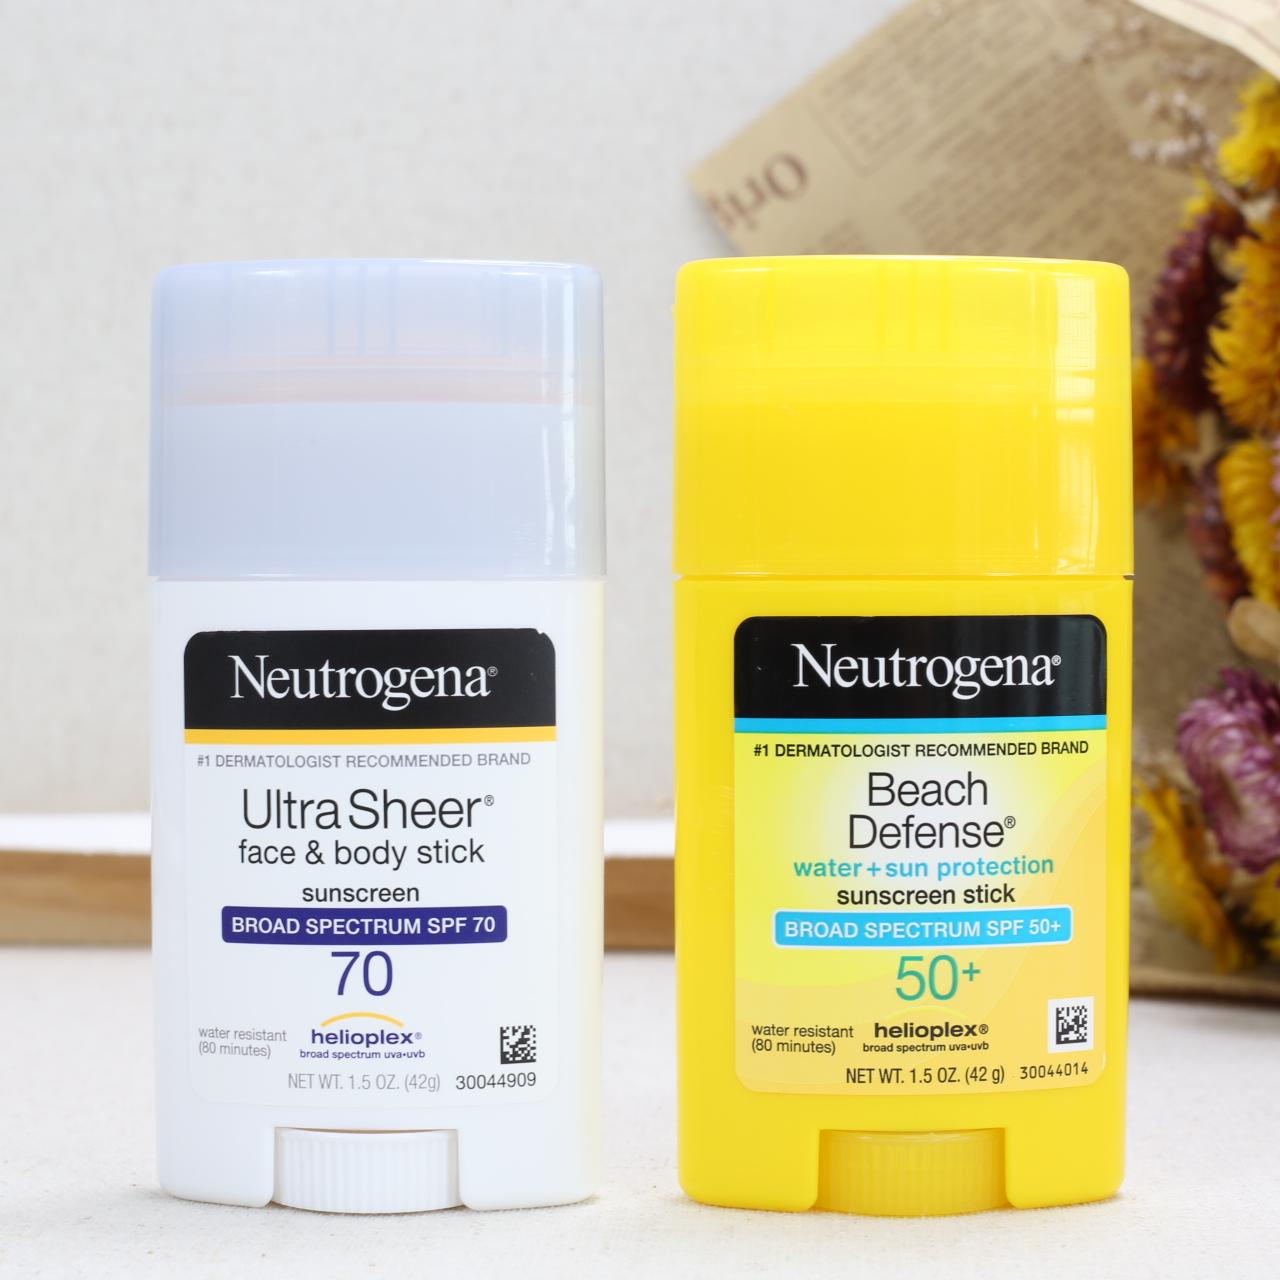 美国Neutrogena露得清海滩蓝黄管清爽防过敏安全隔离全身防晒棒霜